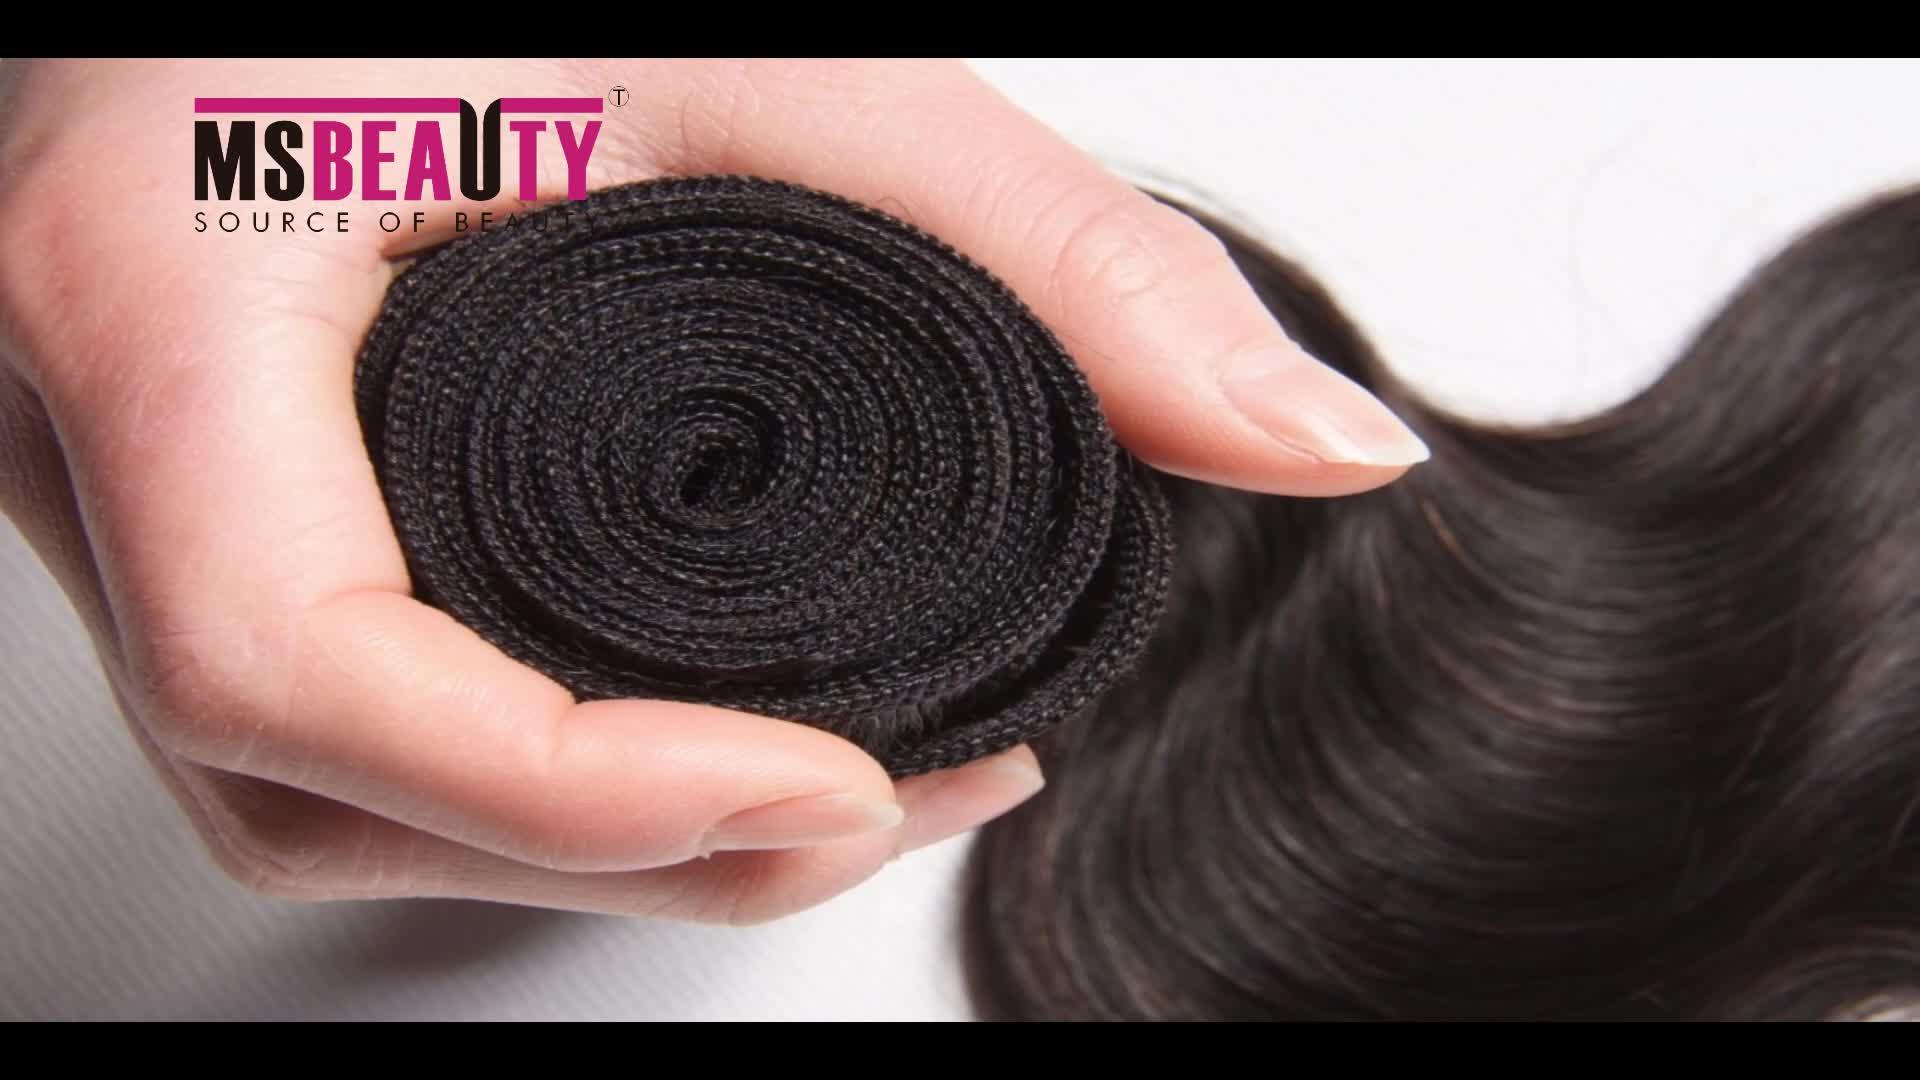 MS Beauty Hotsale 8A 9A 10A 11A 12A Brazilian Indian Peruvian Malaysian cambodian Mongolian Body  wave weave Virgin Raw Hair